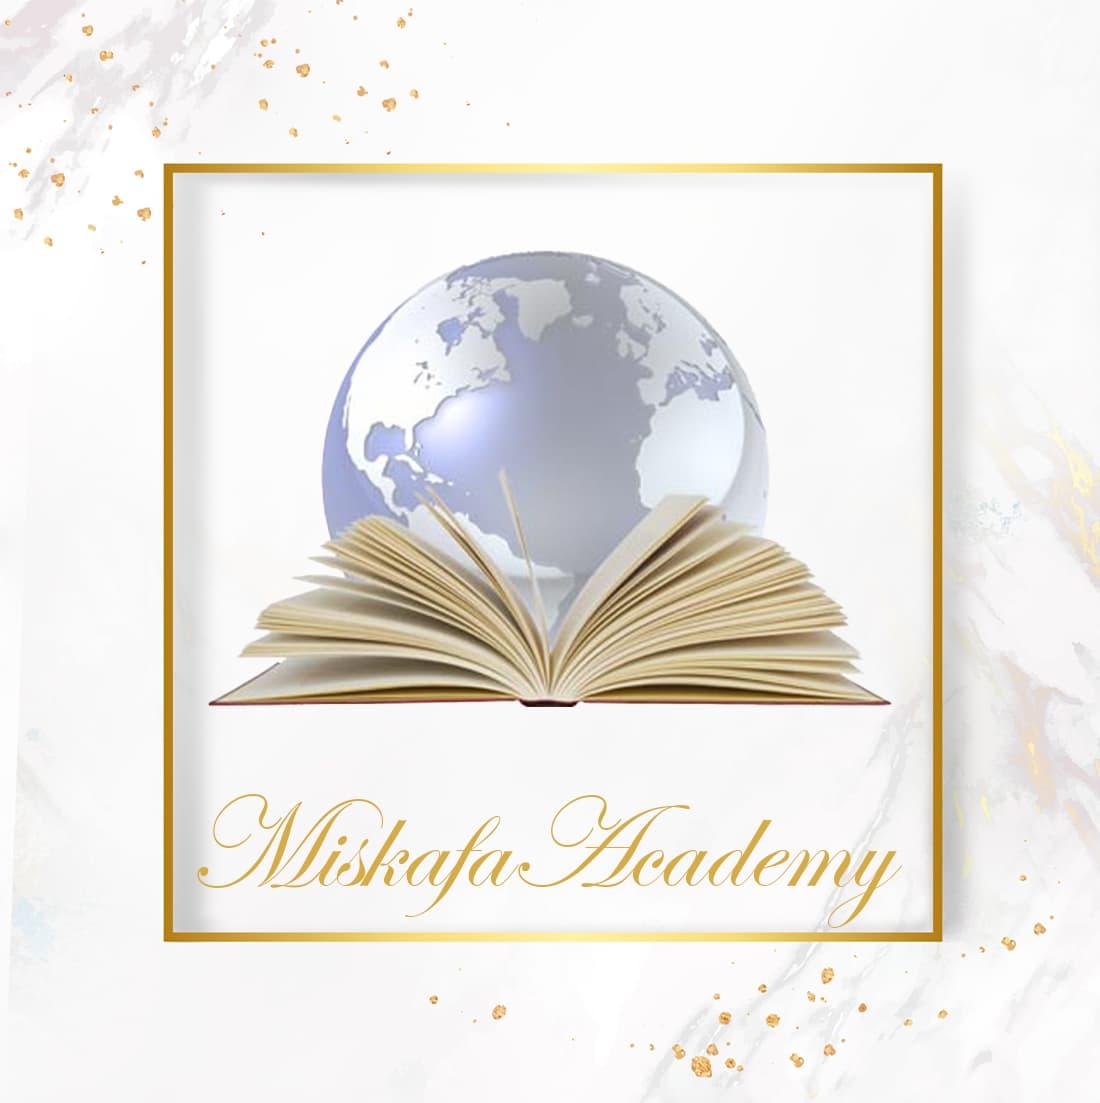 Miskafa Academy